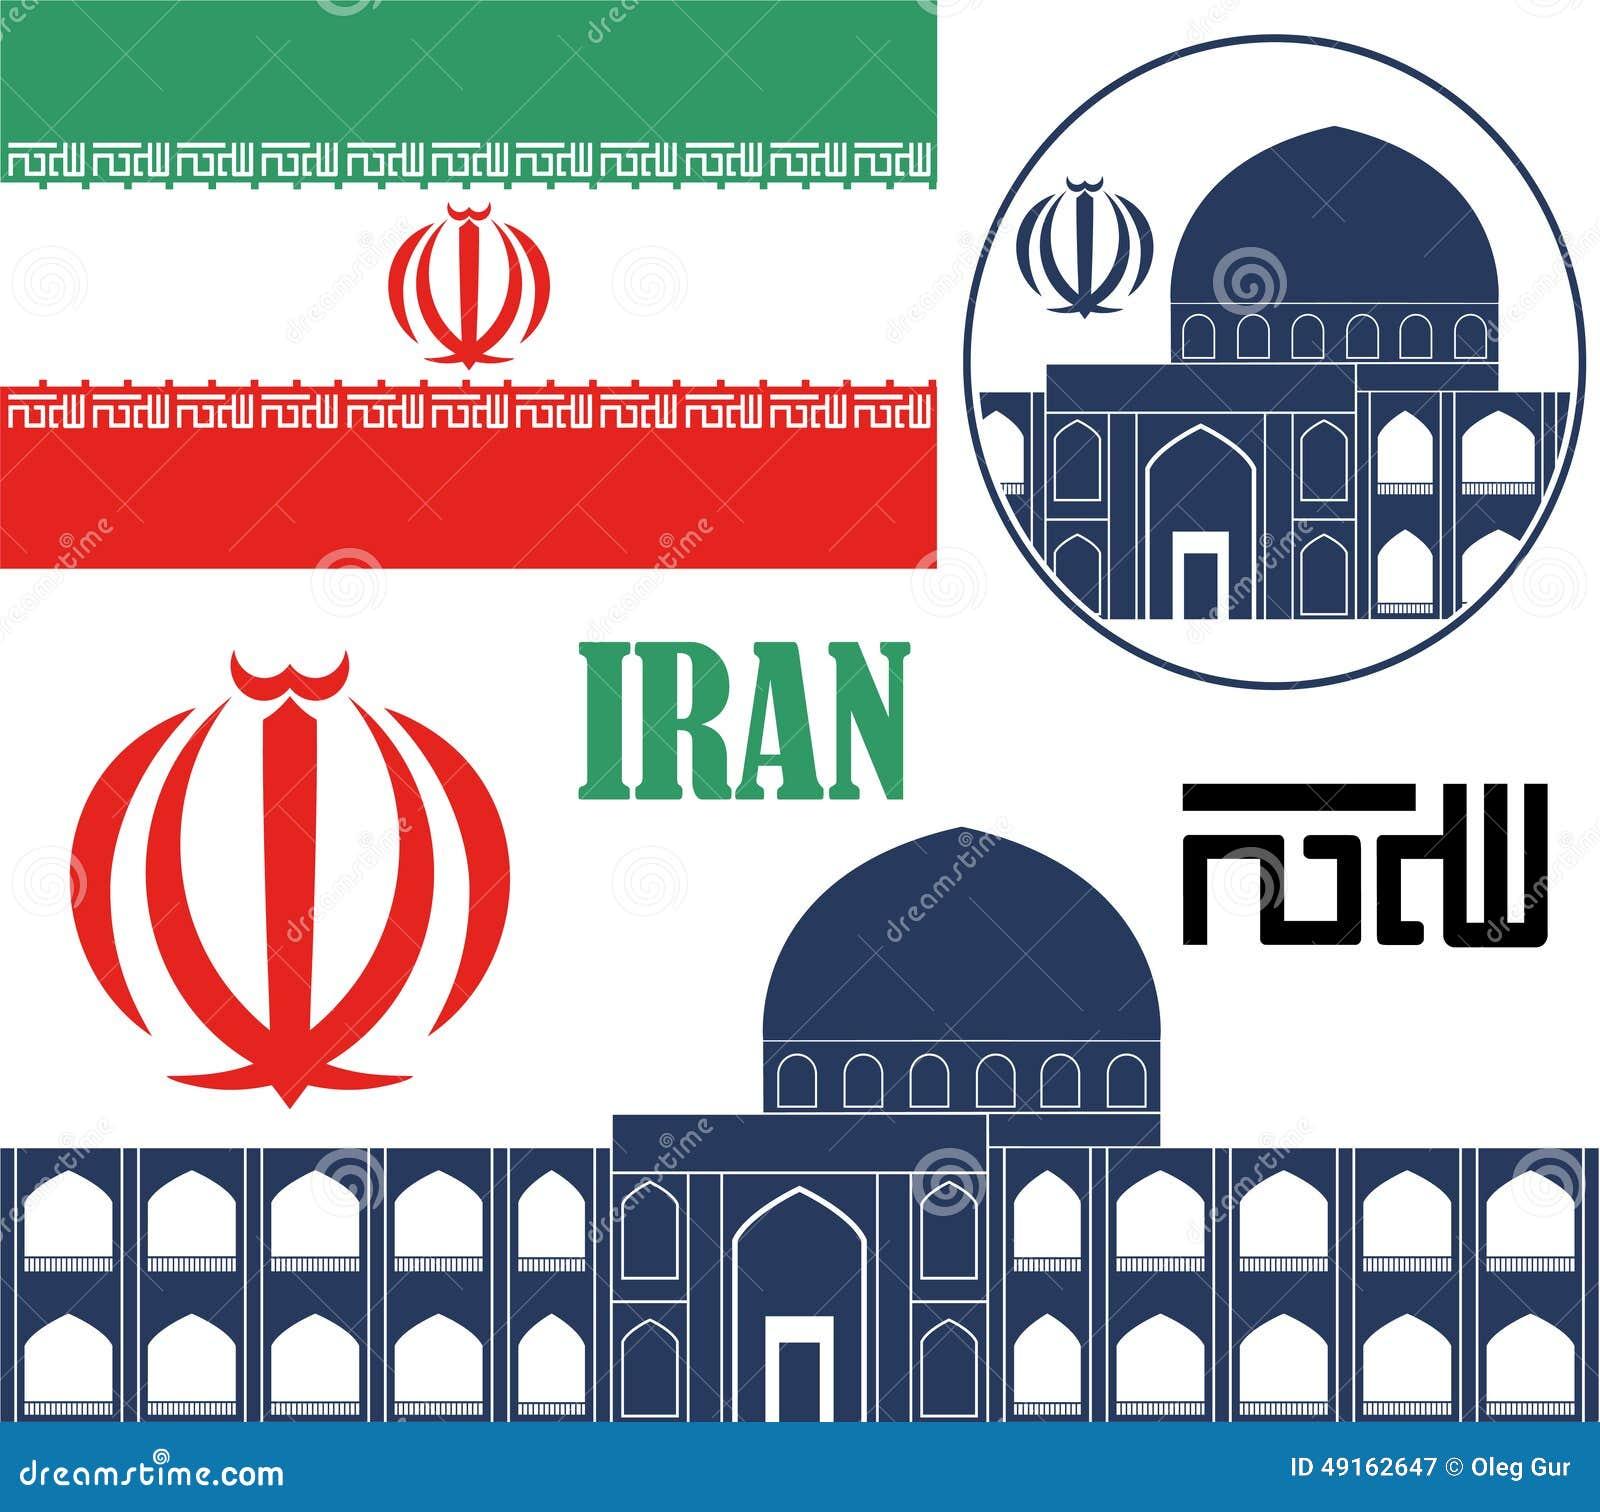 Léopard de graphiques vectoriels | Télécharger des ... |Iranian Cheetah Vector